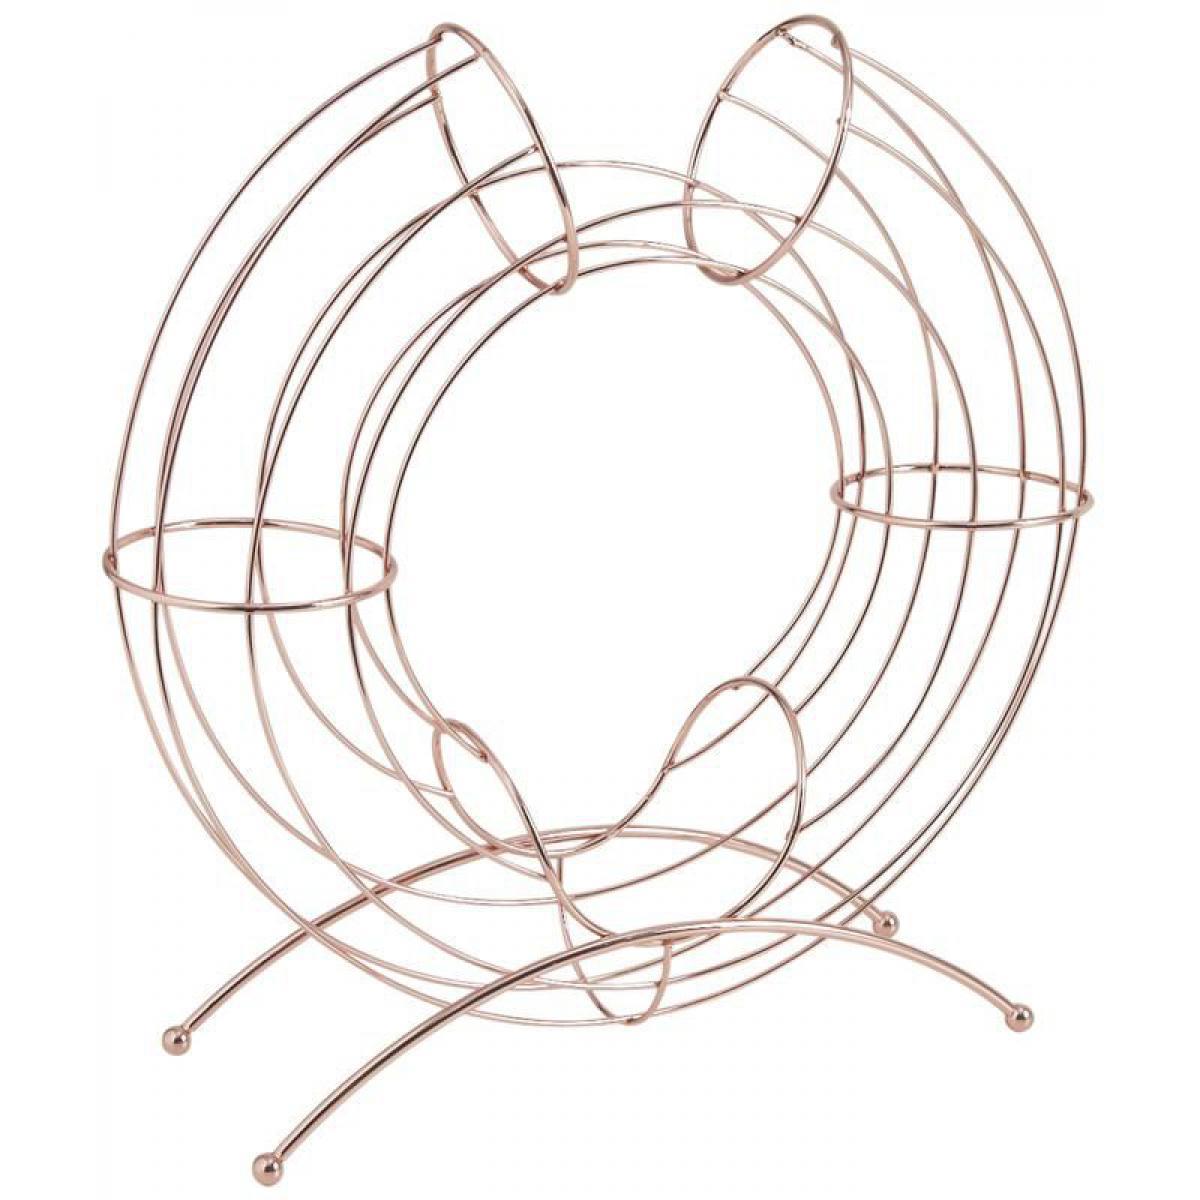 Aubry Gaspard Corbeille design métal cuivré pour oranges